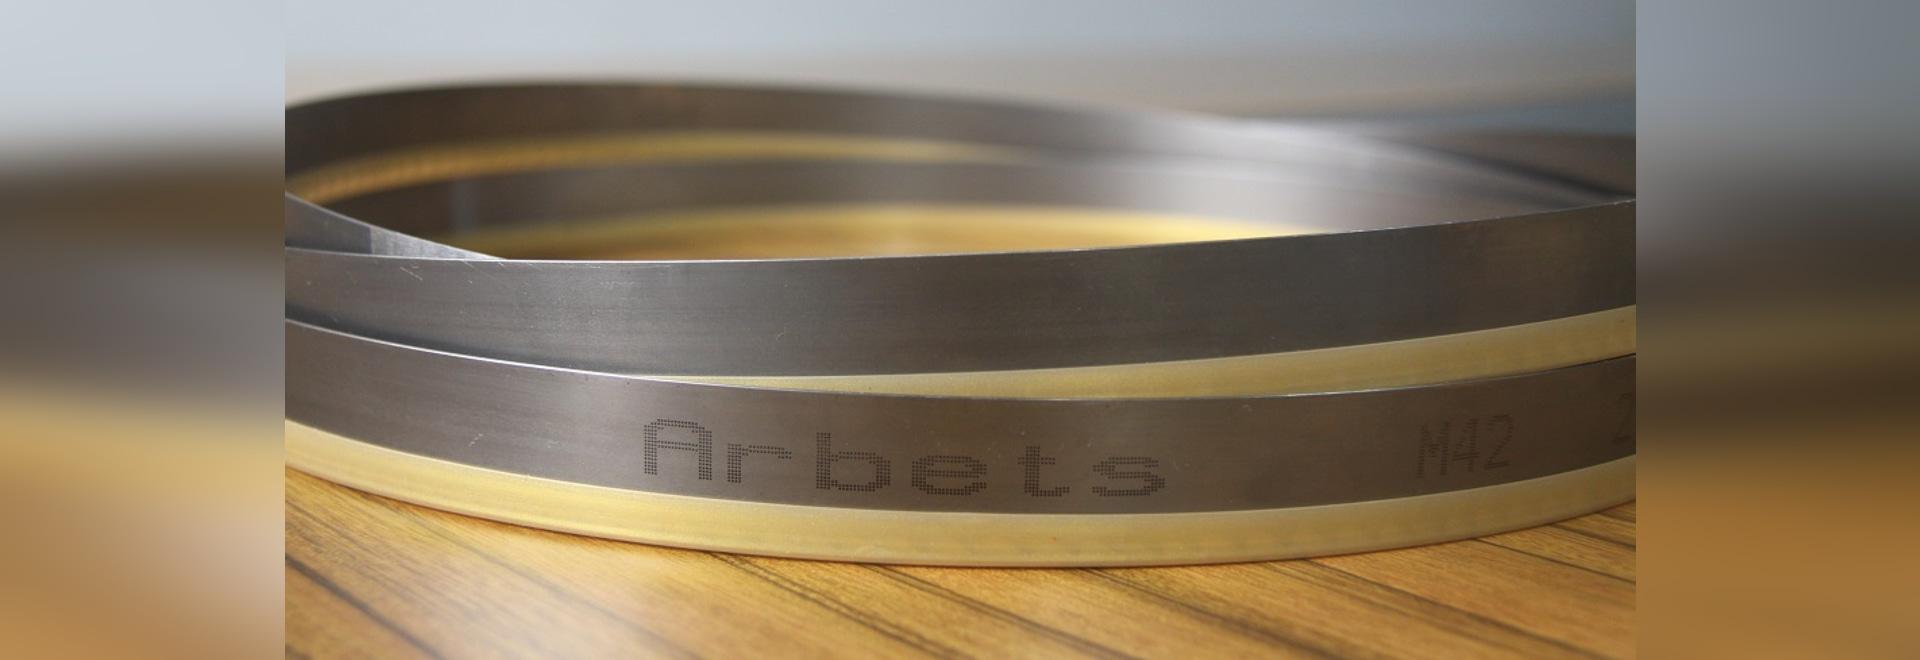 bimetal band saw blades